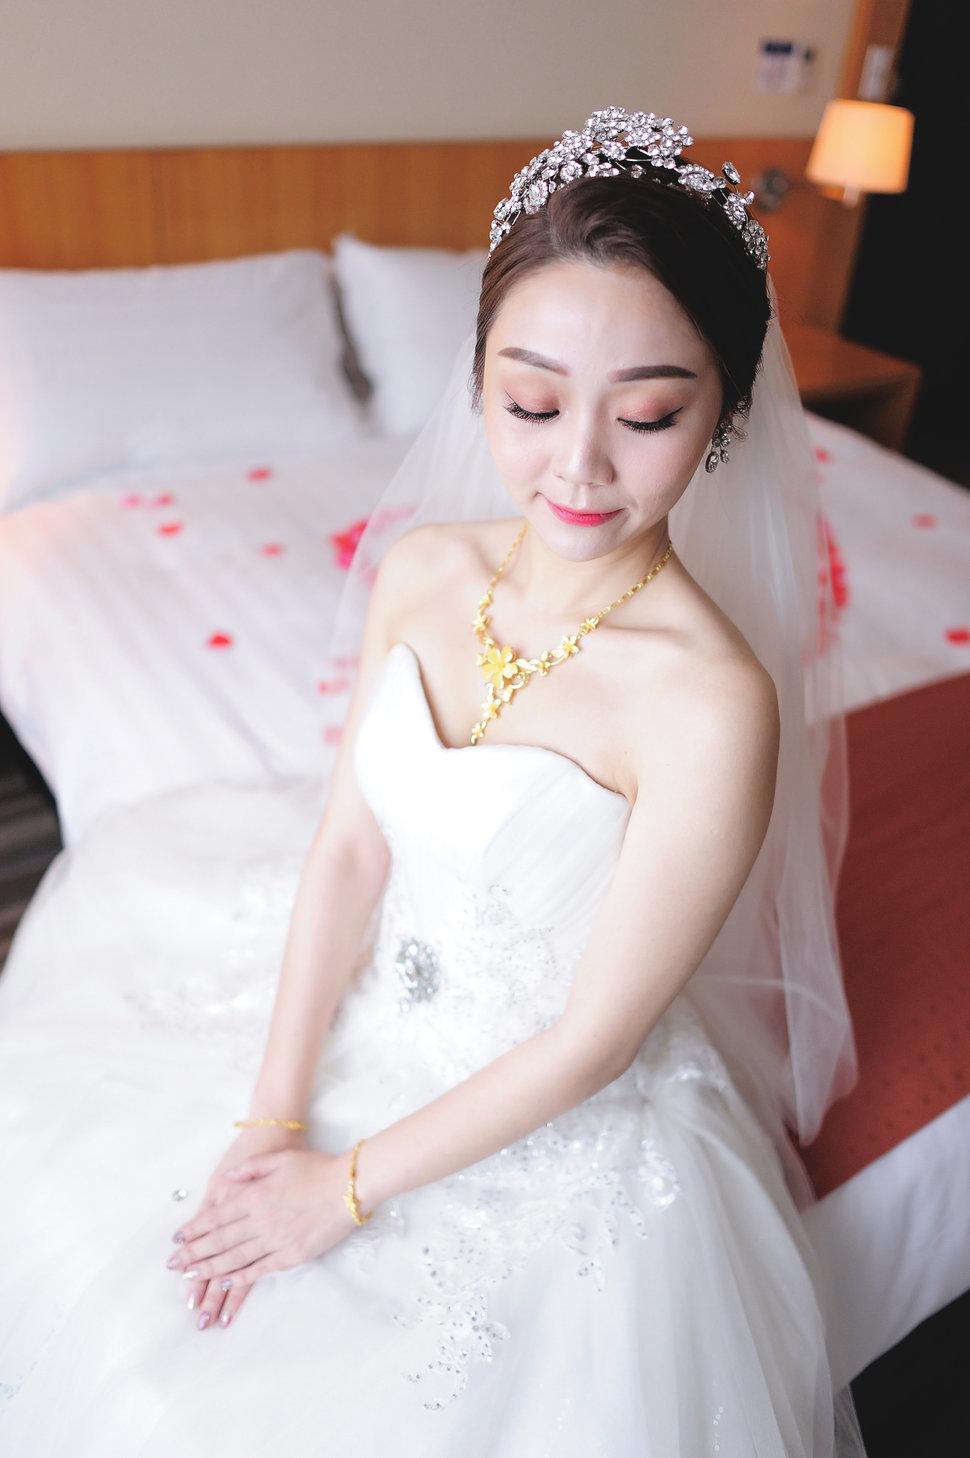 38 - J-Love 婚禮攝影團隊《結婚吧》